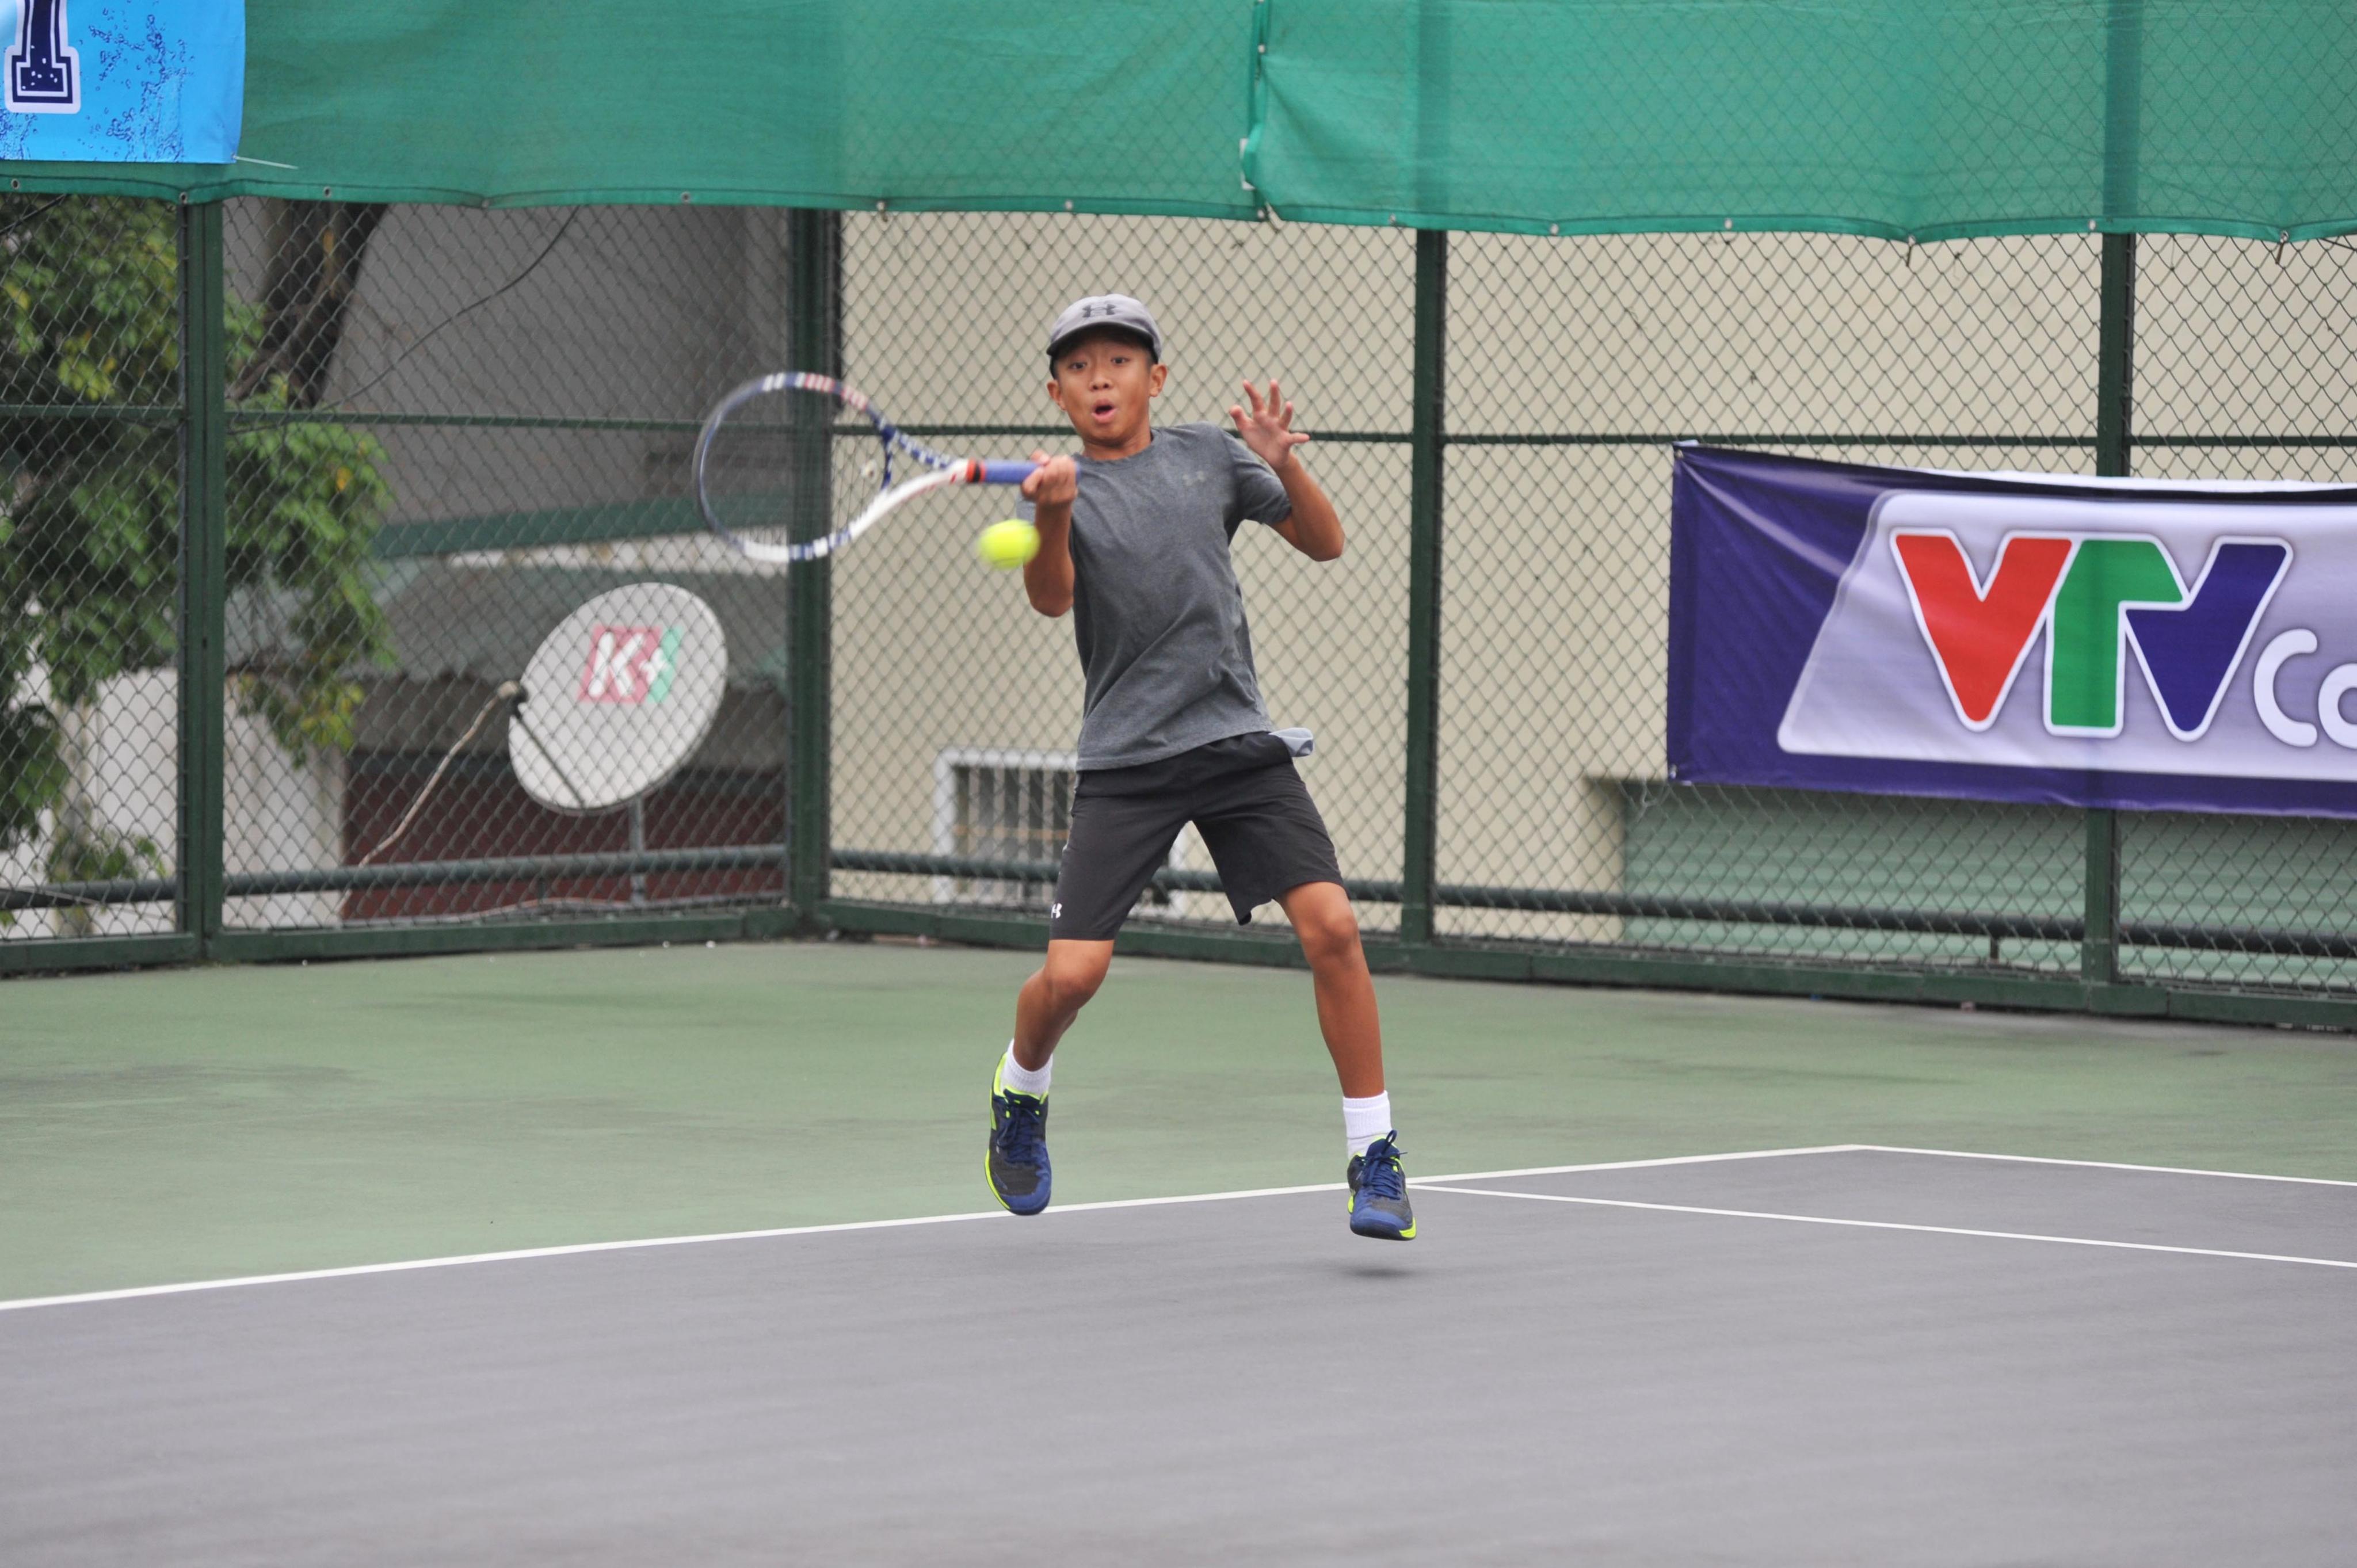 Nhiều trận đấu bị hoãn vì thời tiết ở giải quần vợt Vô địch lứa tuổi trẻ lần I – Dunlop Cup 2018